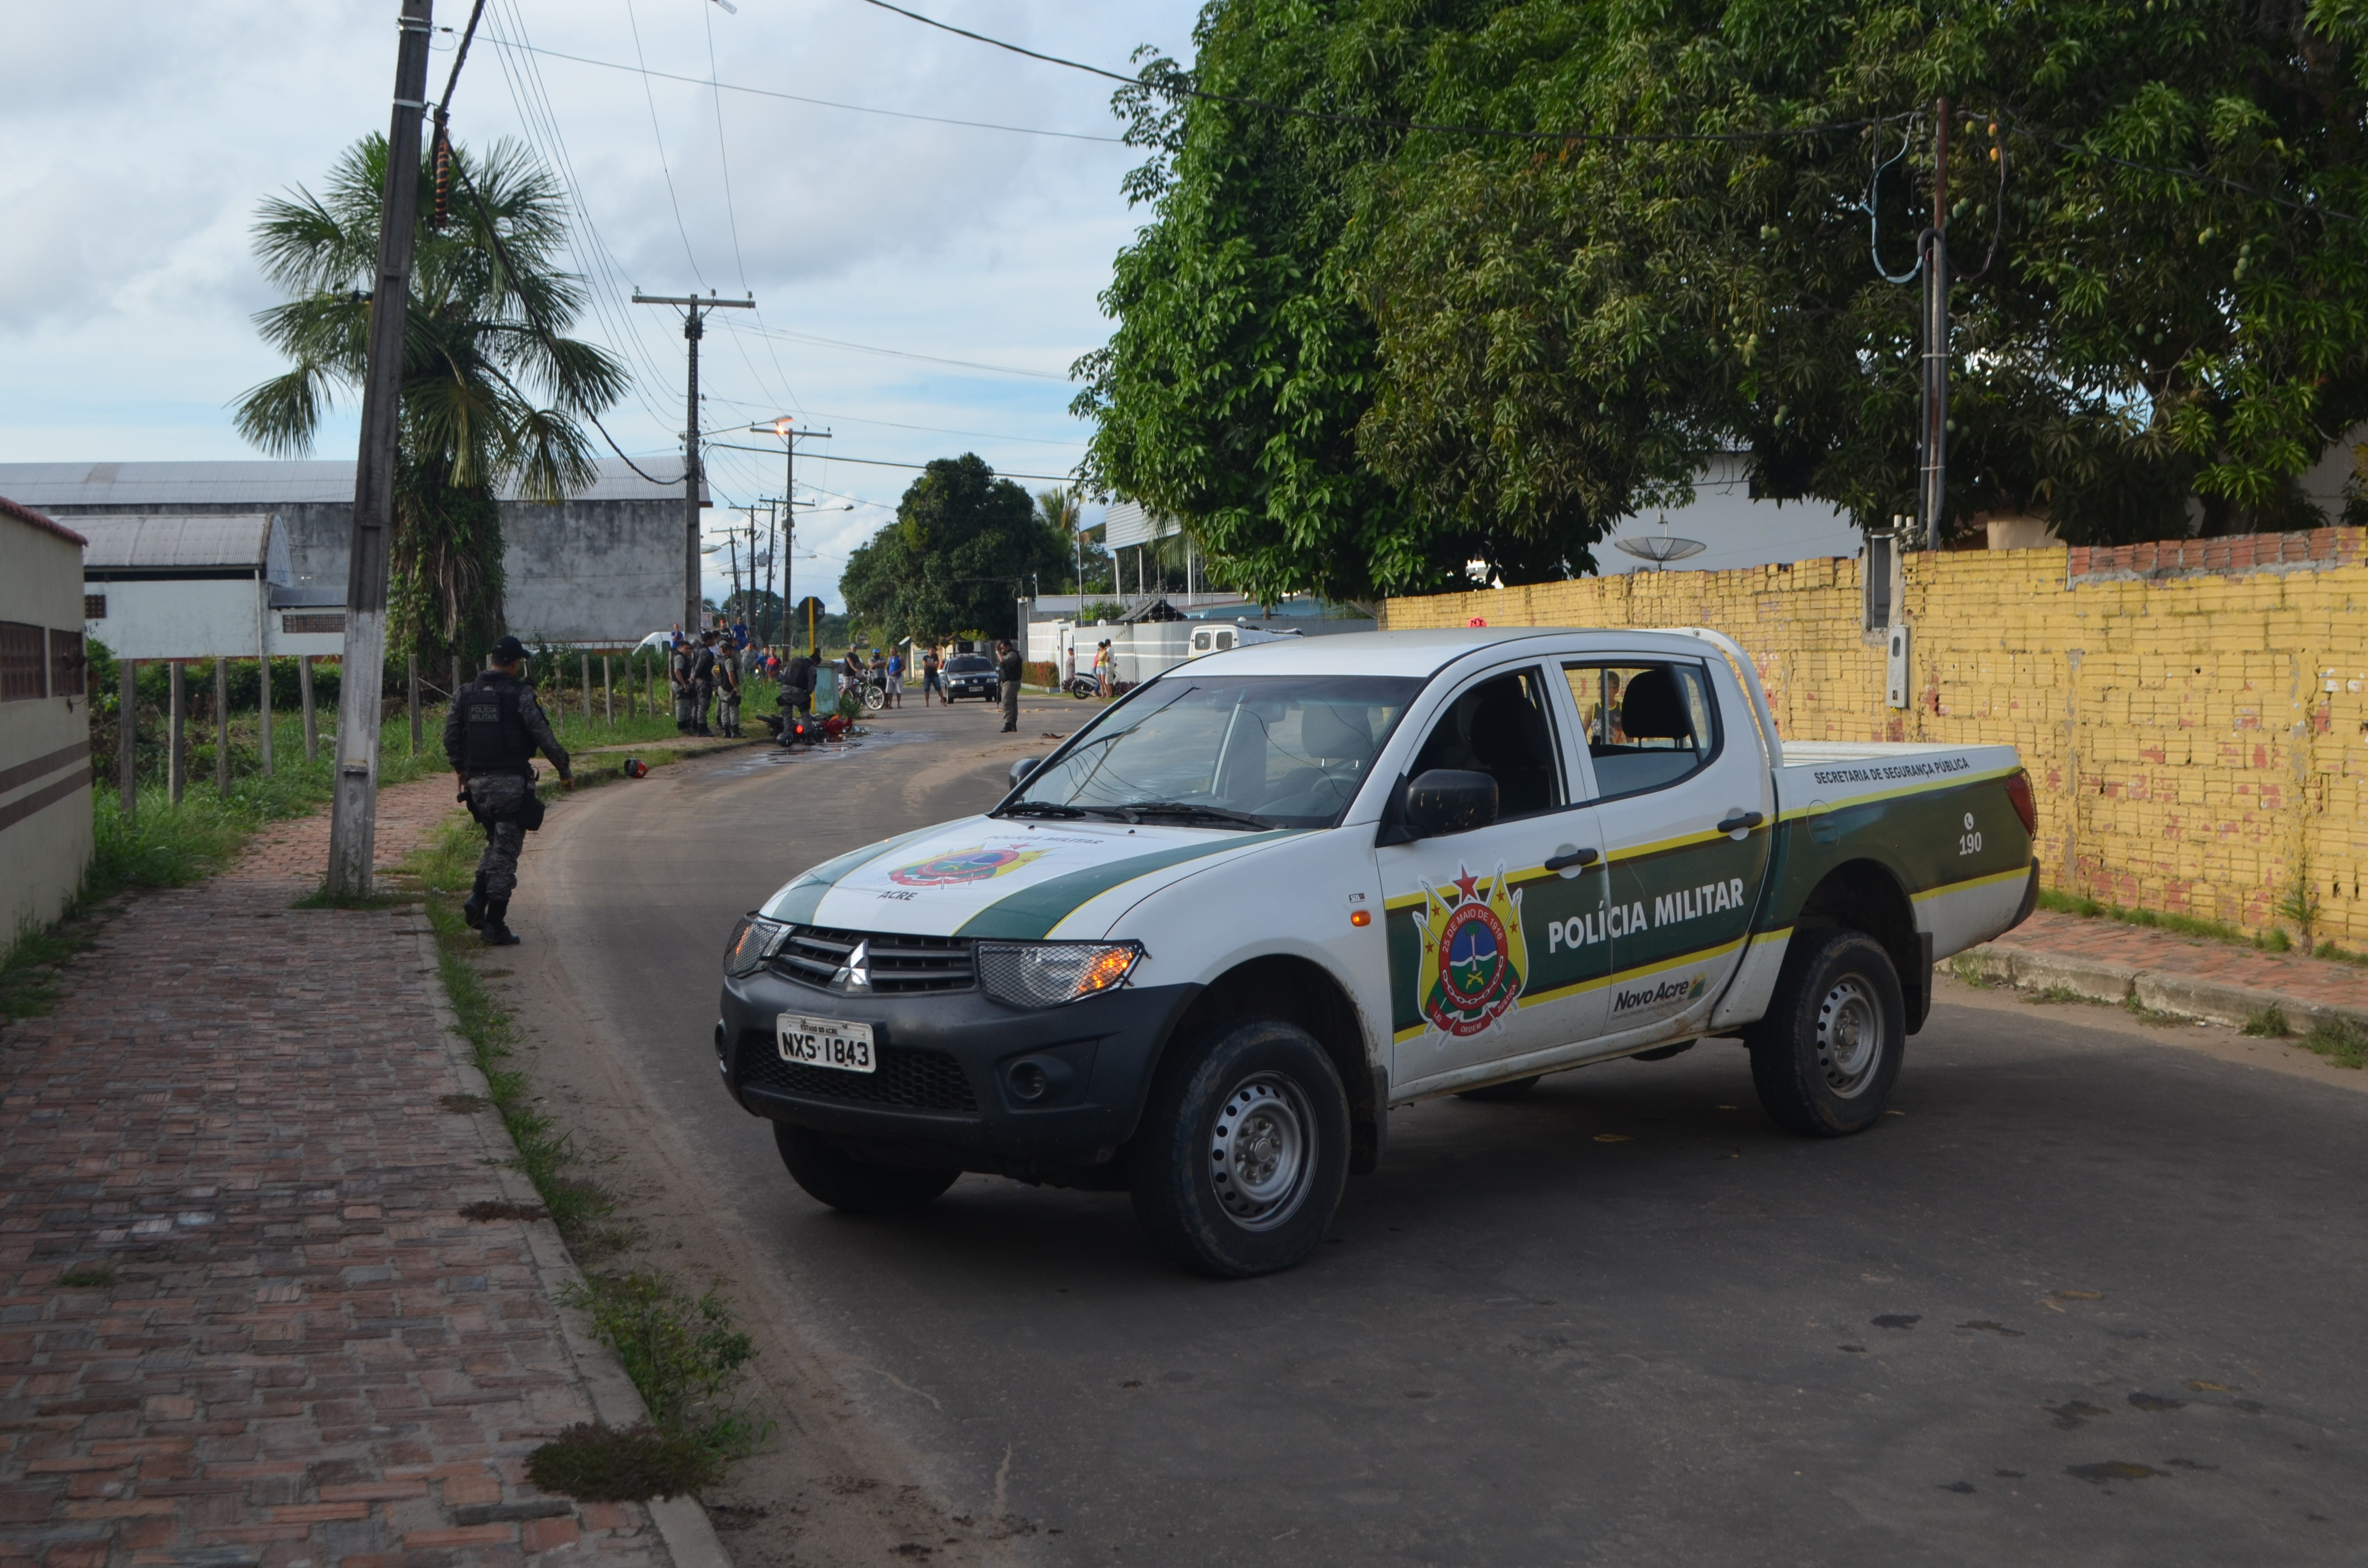 Dupla suspeita de assaltos é presa após sofrer acidente durante perseguição policial em Cruzeiro do Sul